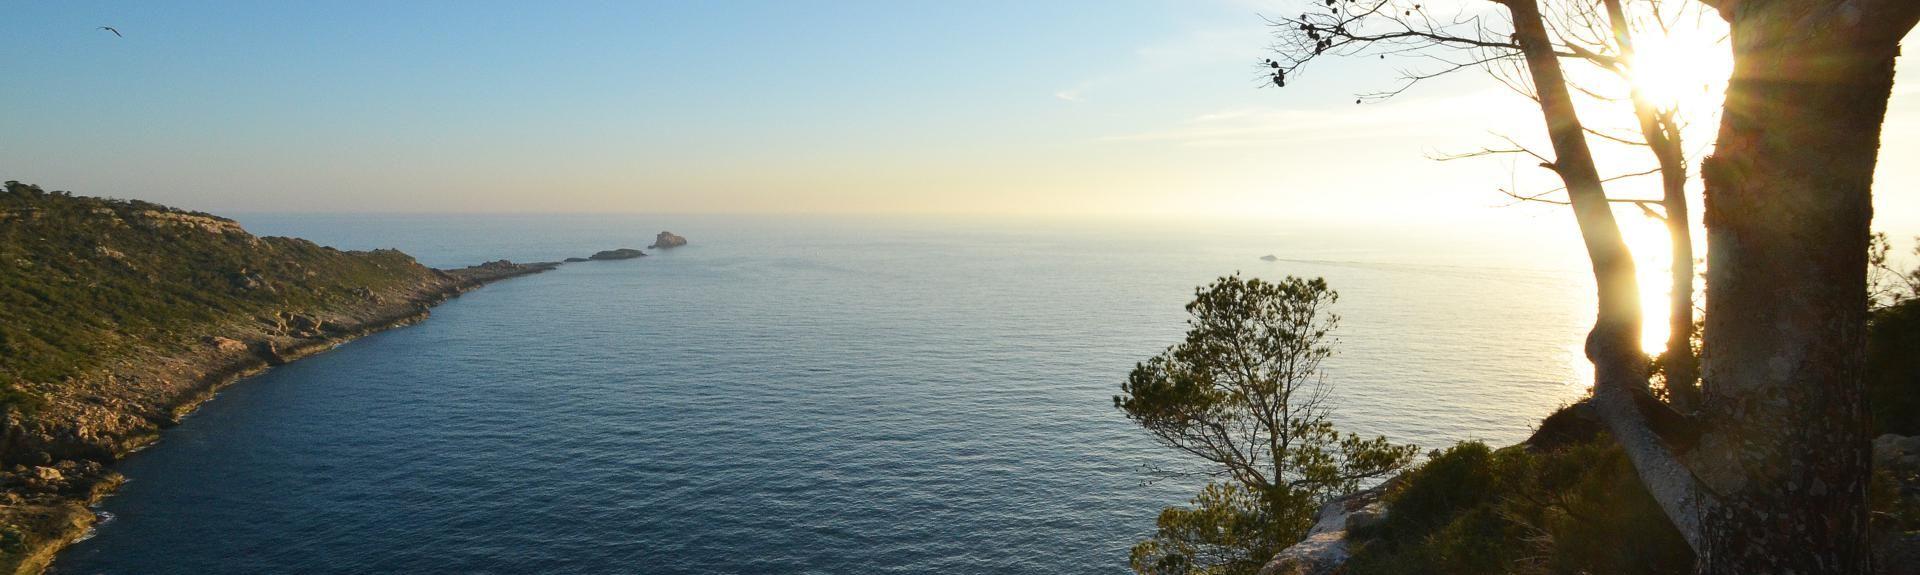 Palma Novan ranta, Calvia, Baleaarit, Espanja